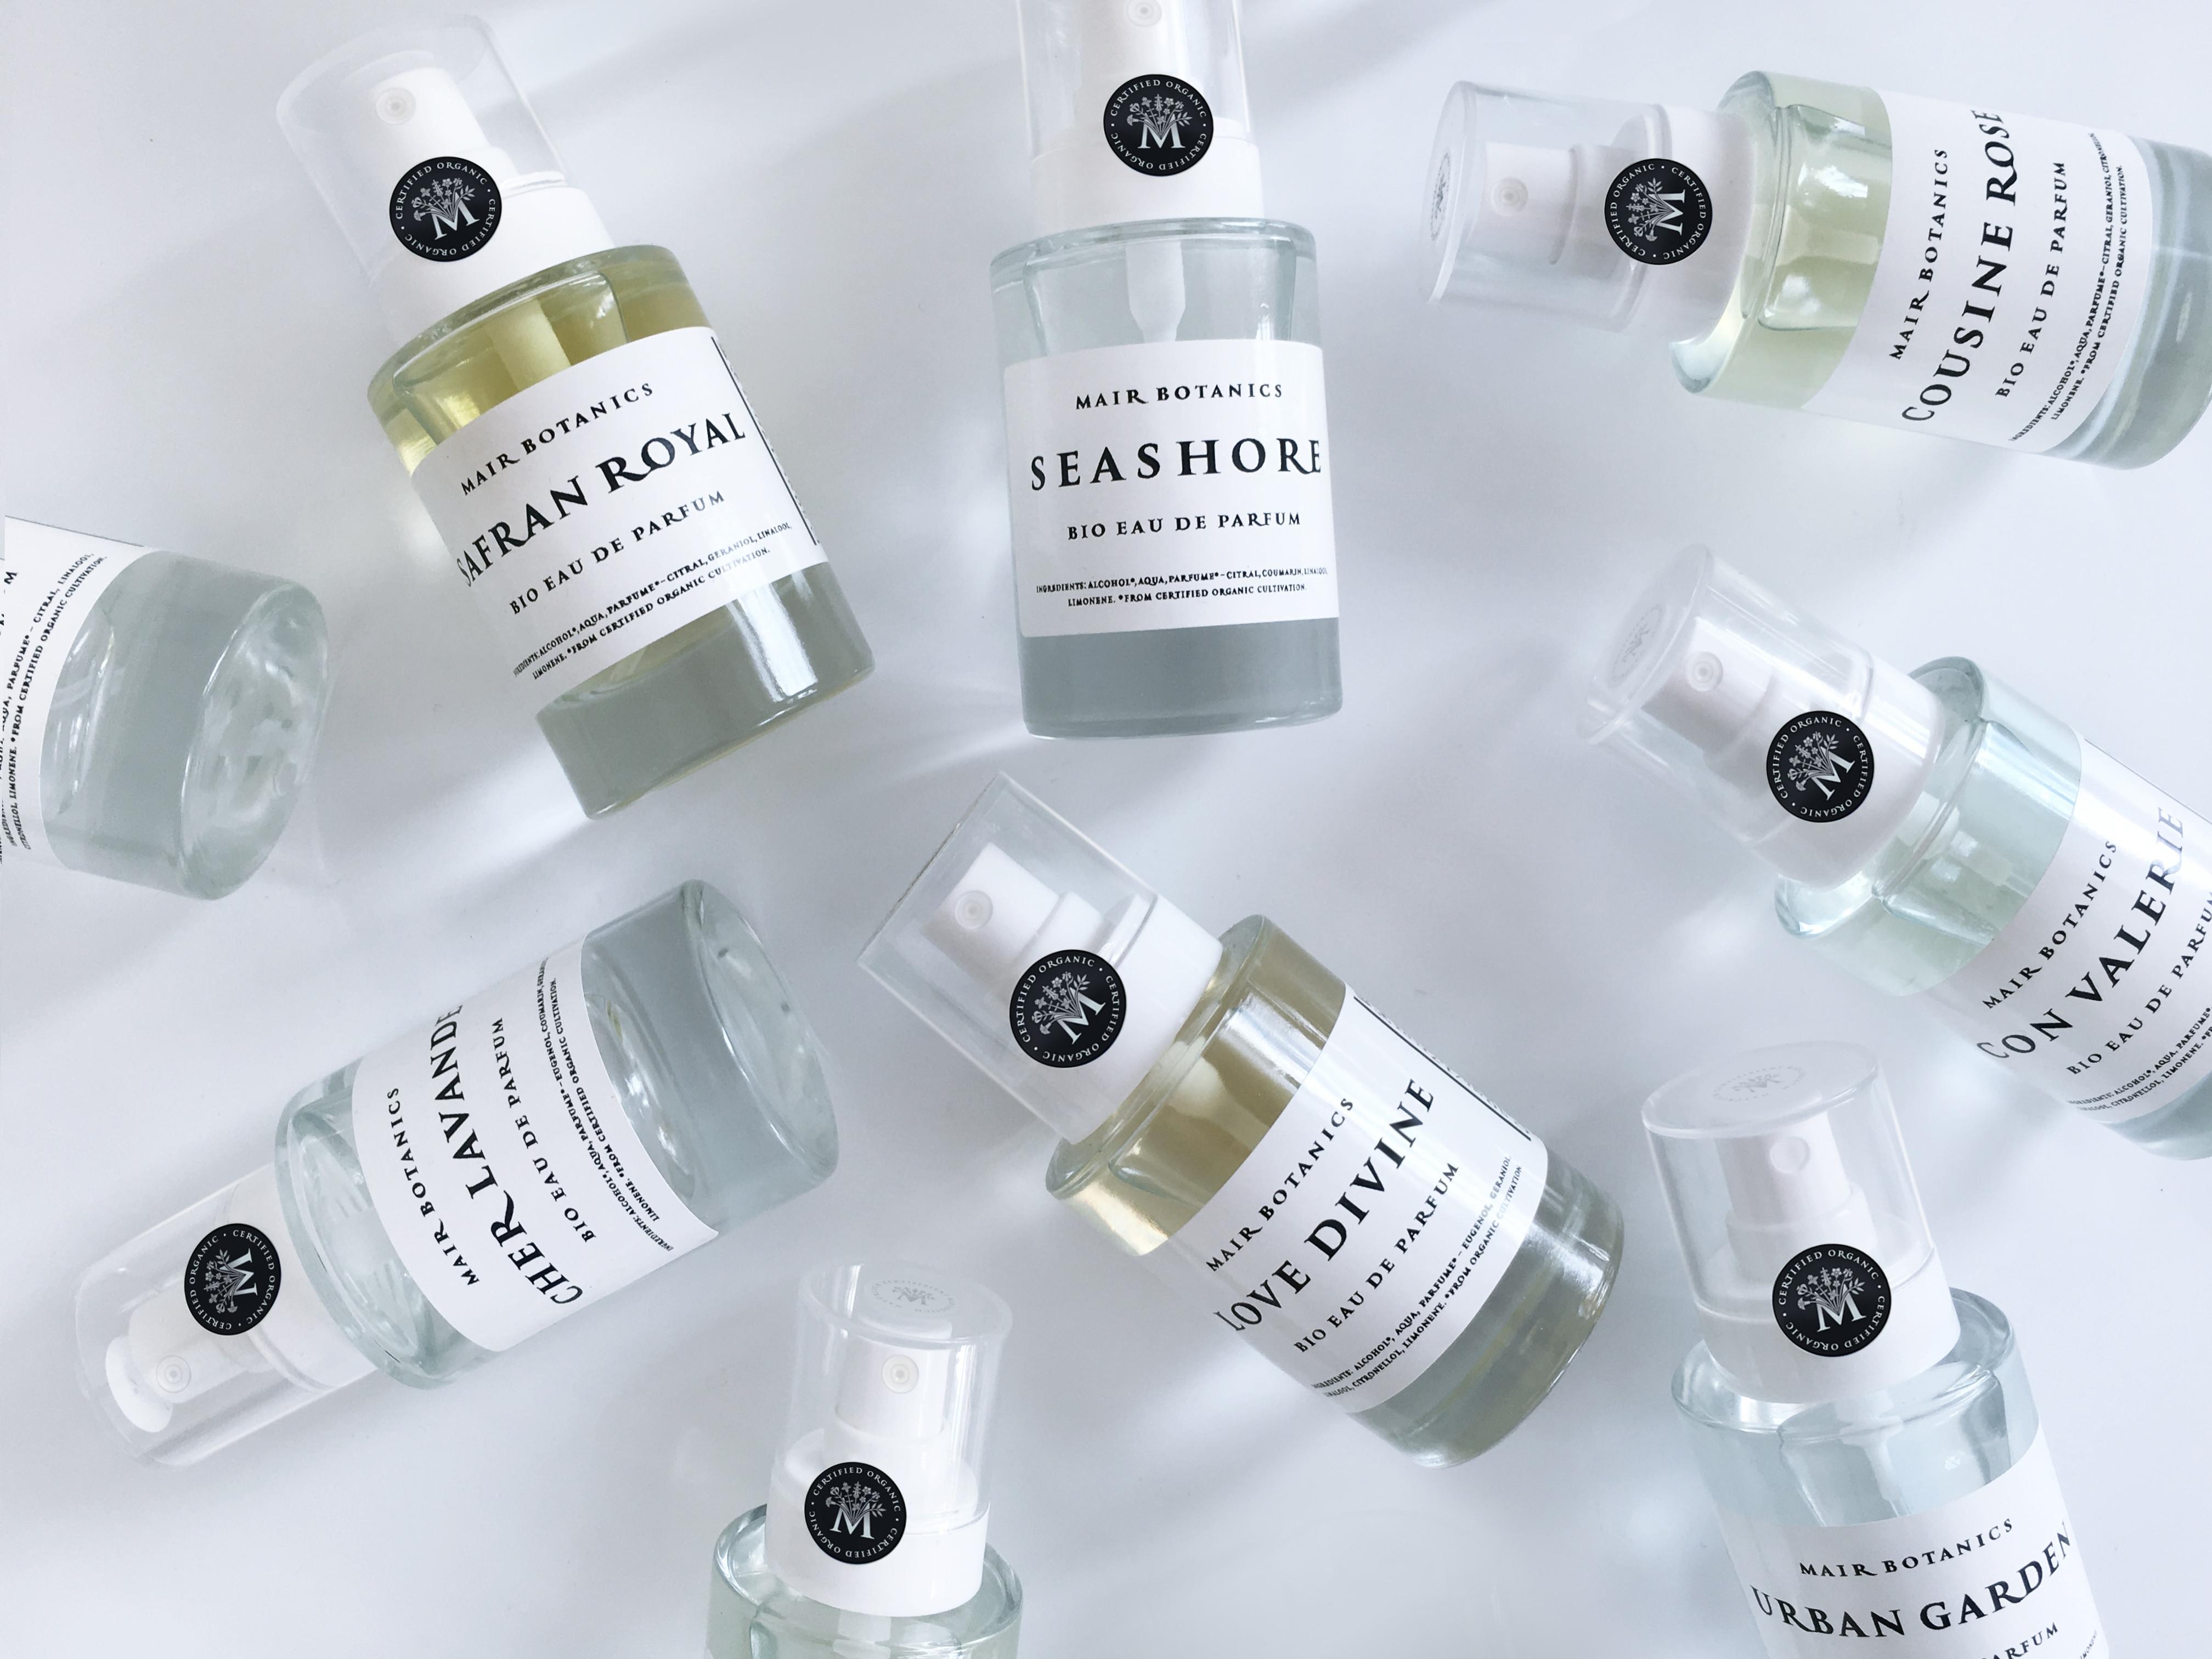 Mair Botanics: Bio Perfume Production